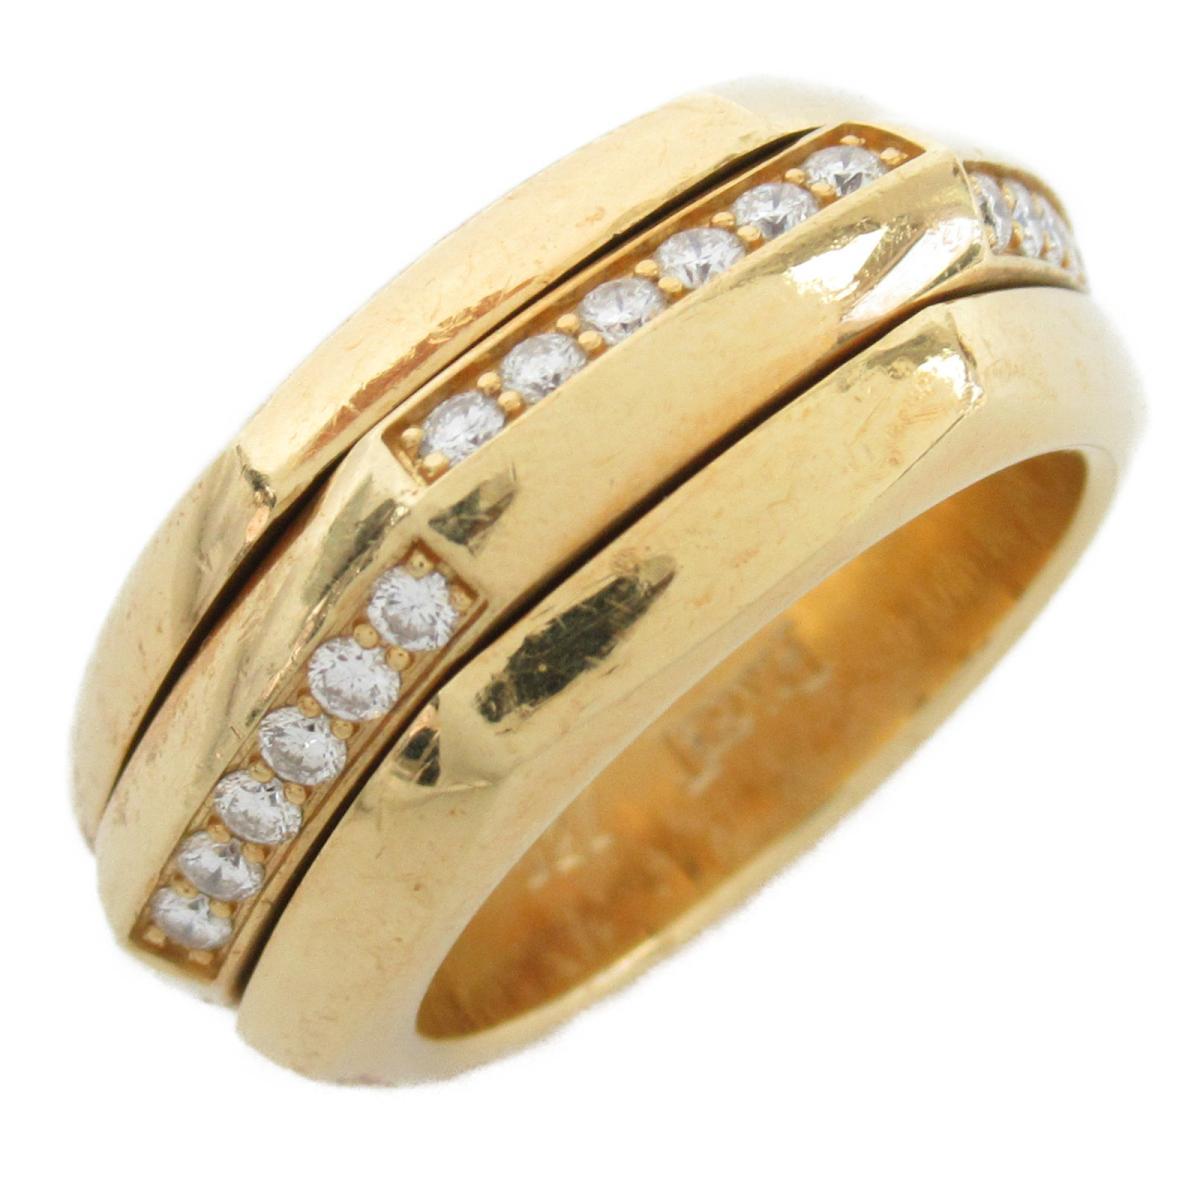 ピアジェ メレダイヤリング 指輪 ブランドジュエリー レディース K18YG (750) イエローゴールド x ダイヤモンド 【中古】 | PIAGET BRANDOFF ブランドオフ ブランド ジュエリー アクセサリー リング